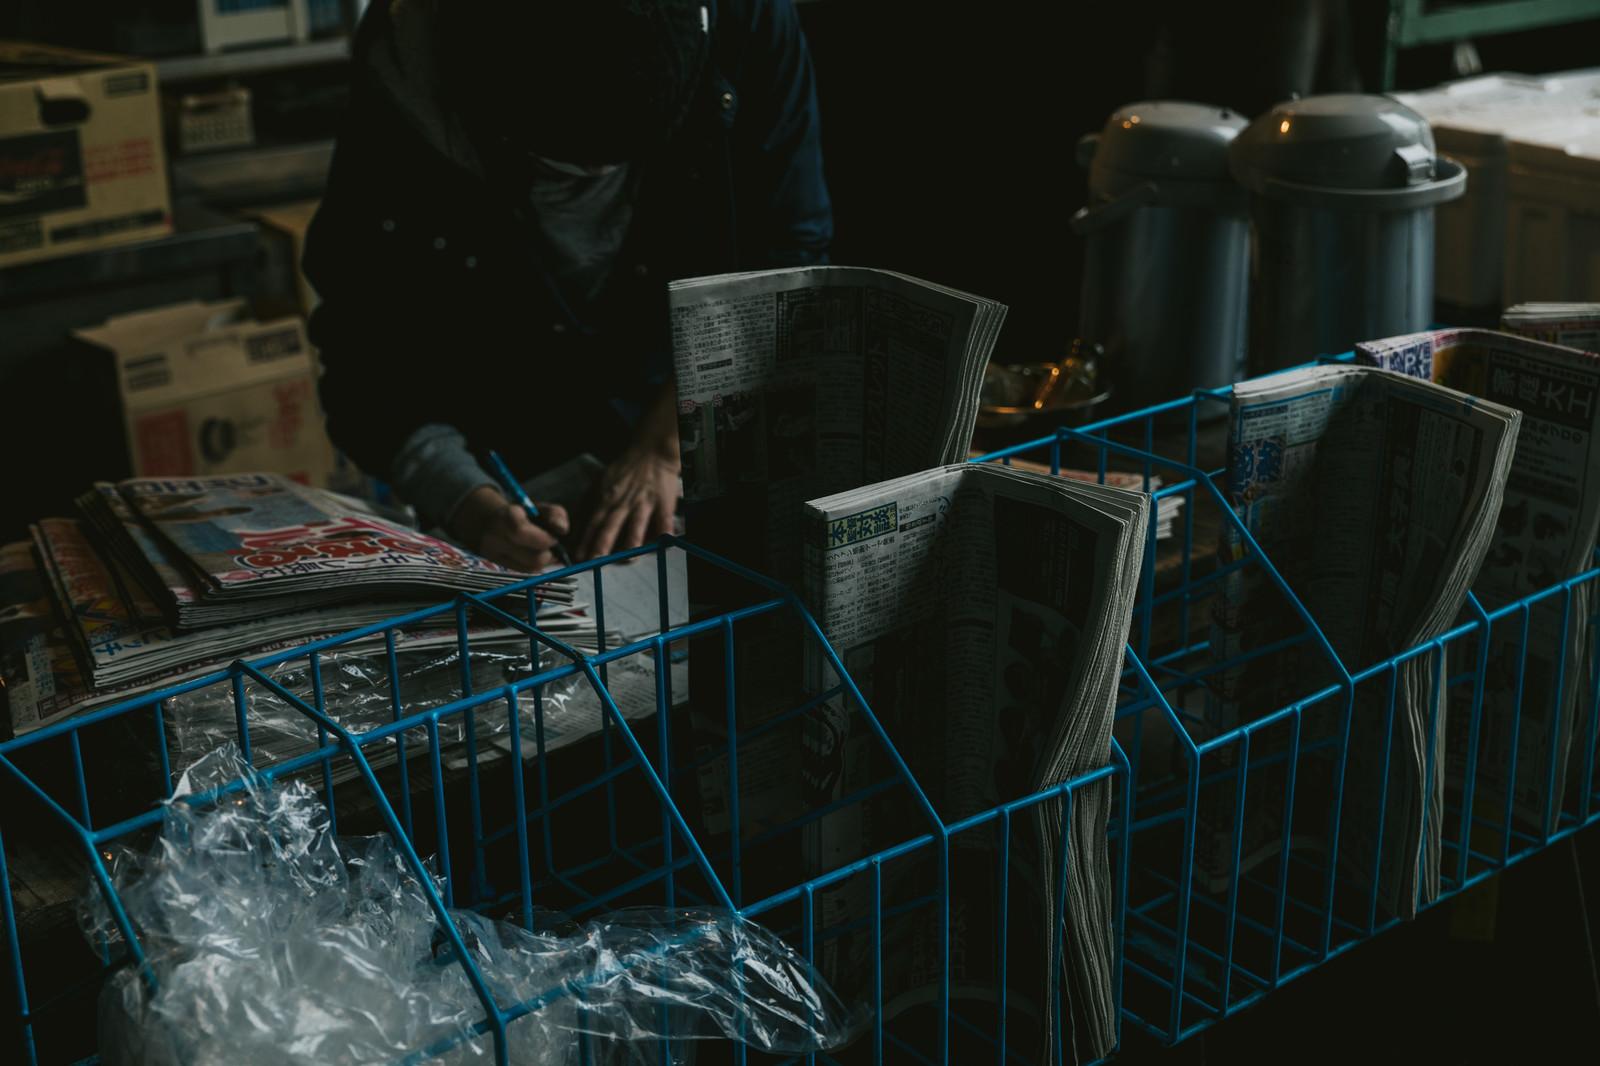 中学生時代の新聞配達のアルバイト